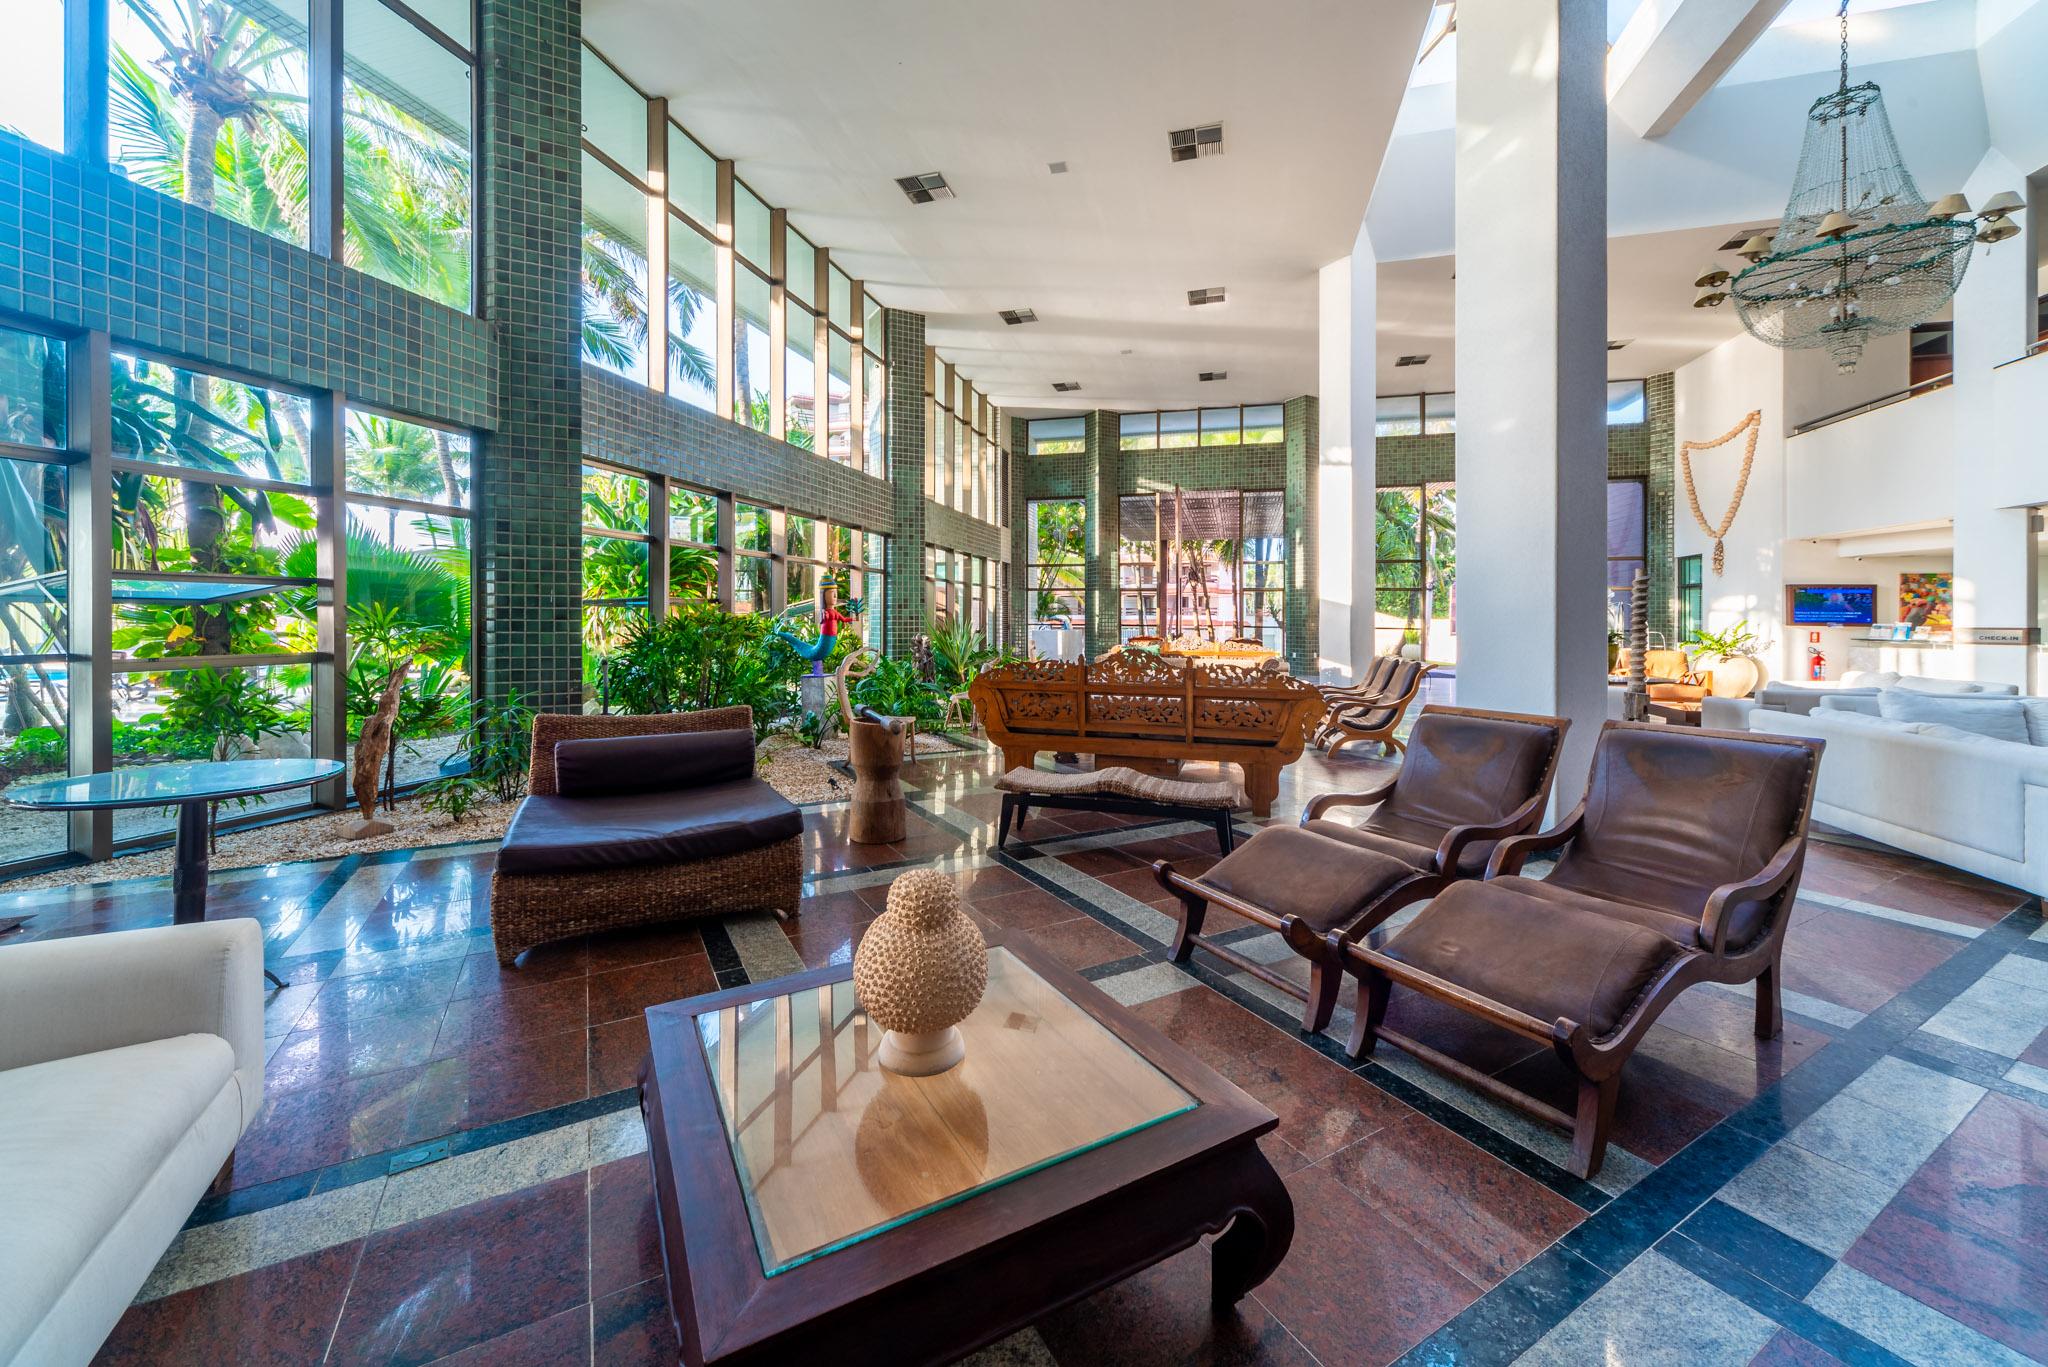 Ritz - Visit Maceio Alagoas